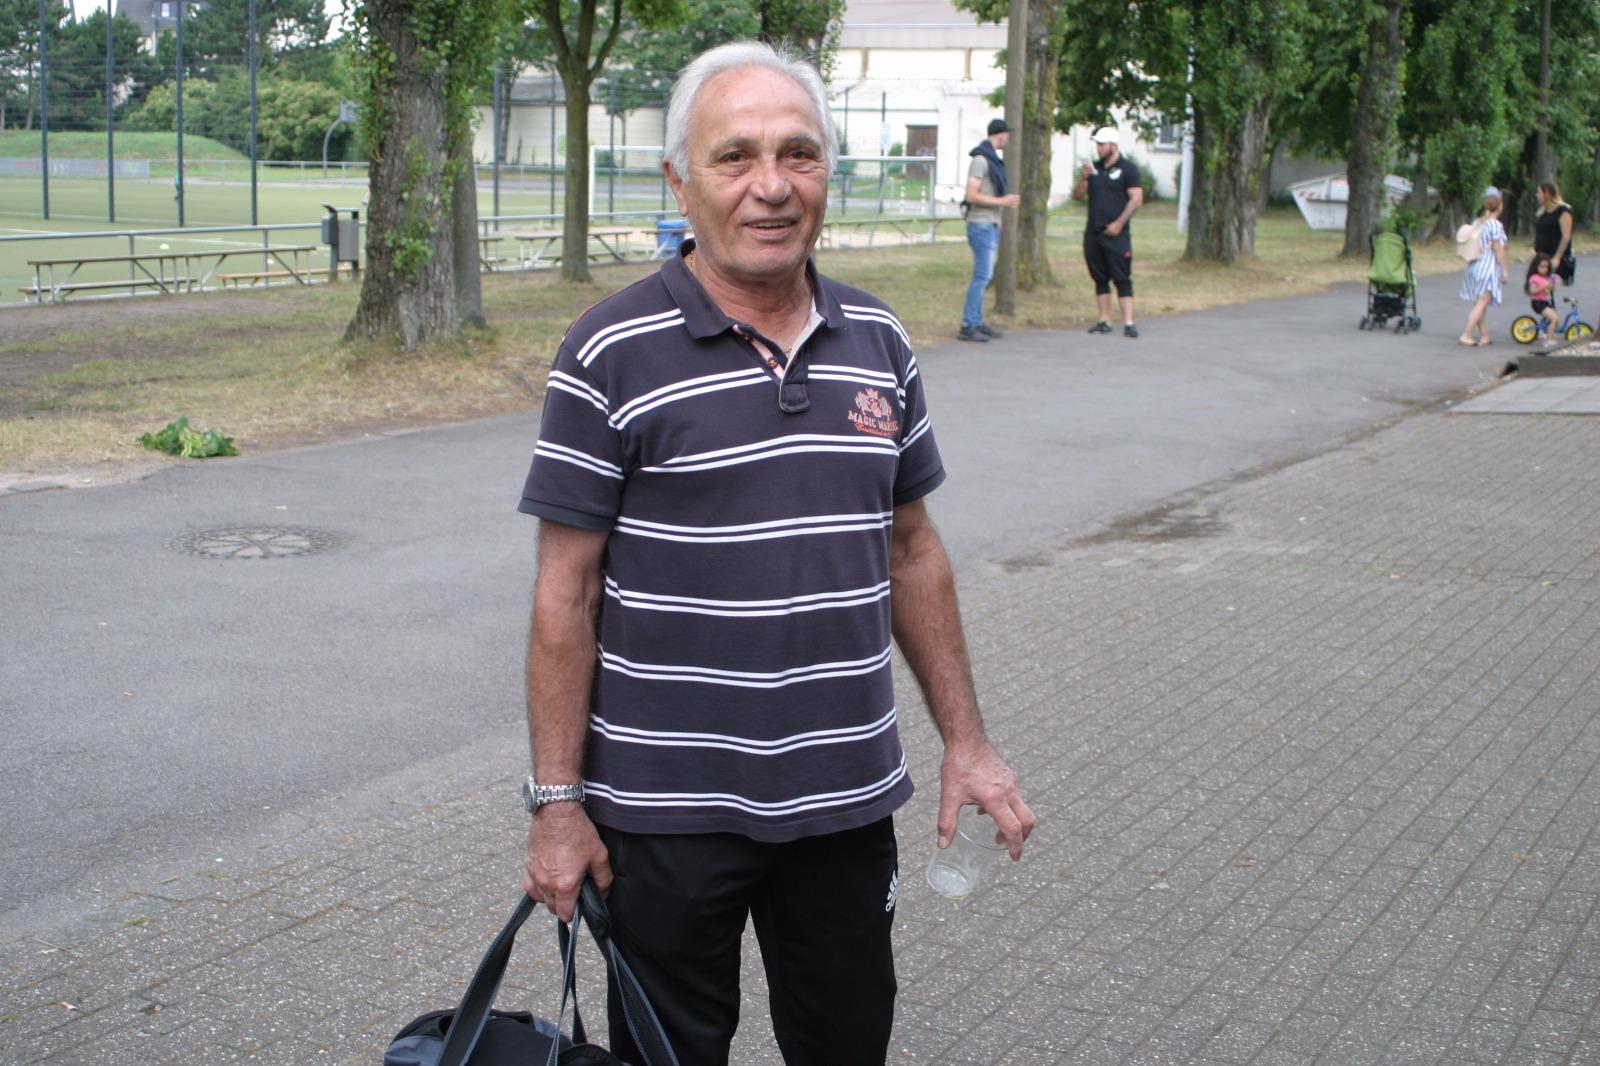 16.06.2018 - Rudi Kleine Natrop Gedächtnisturnier